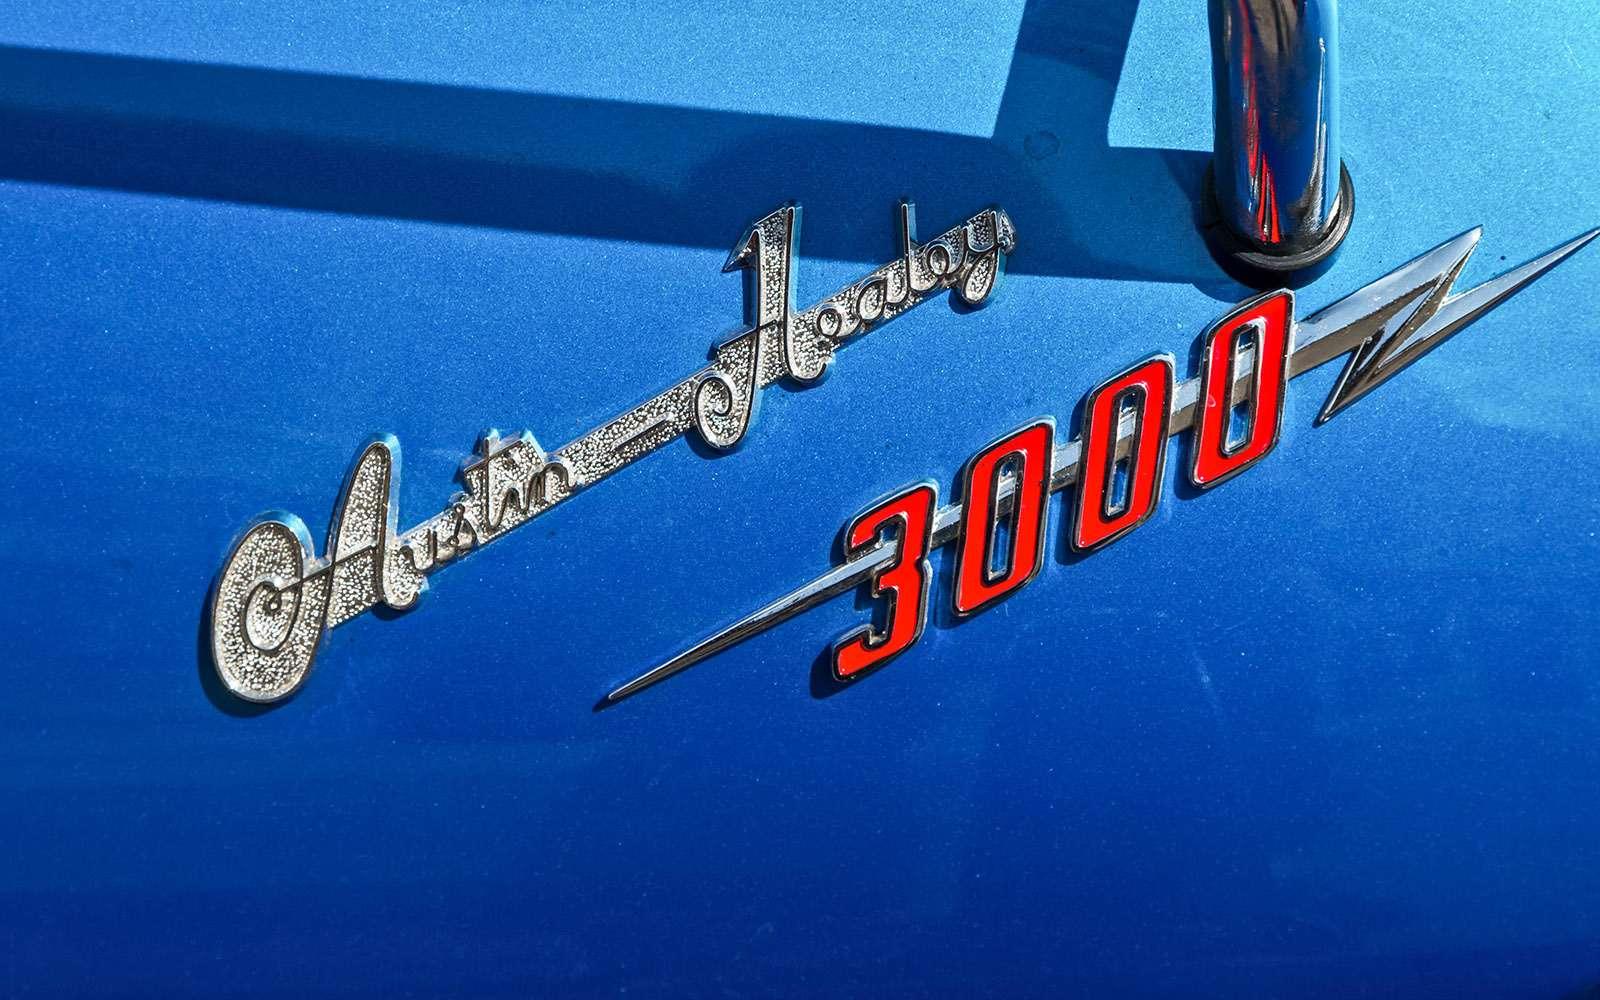 Аustin-Healey 3000Mk III: три литра английского— фото 679361